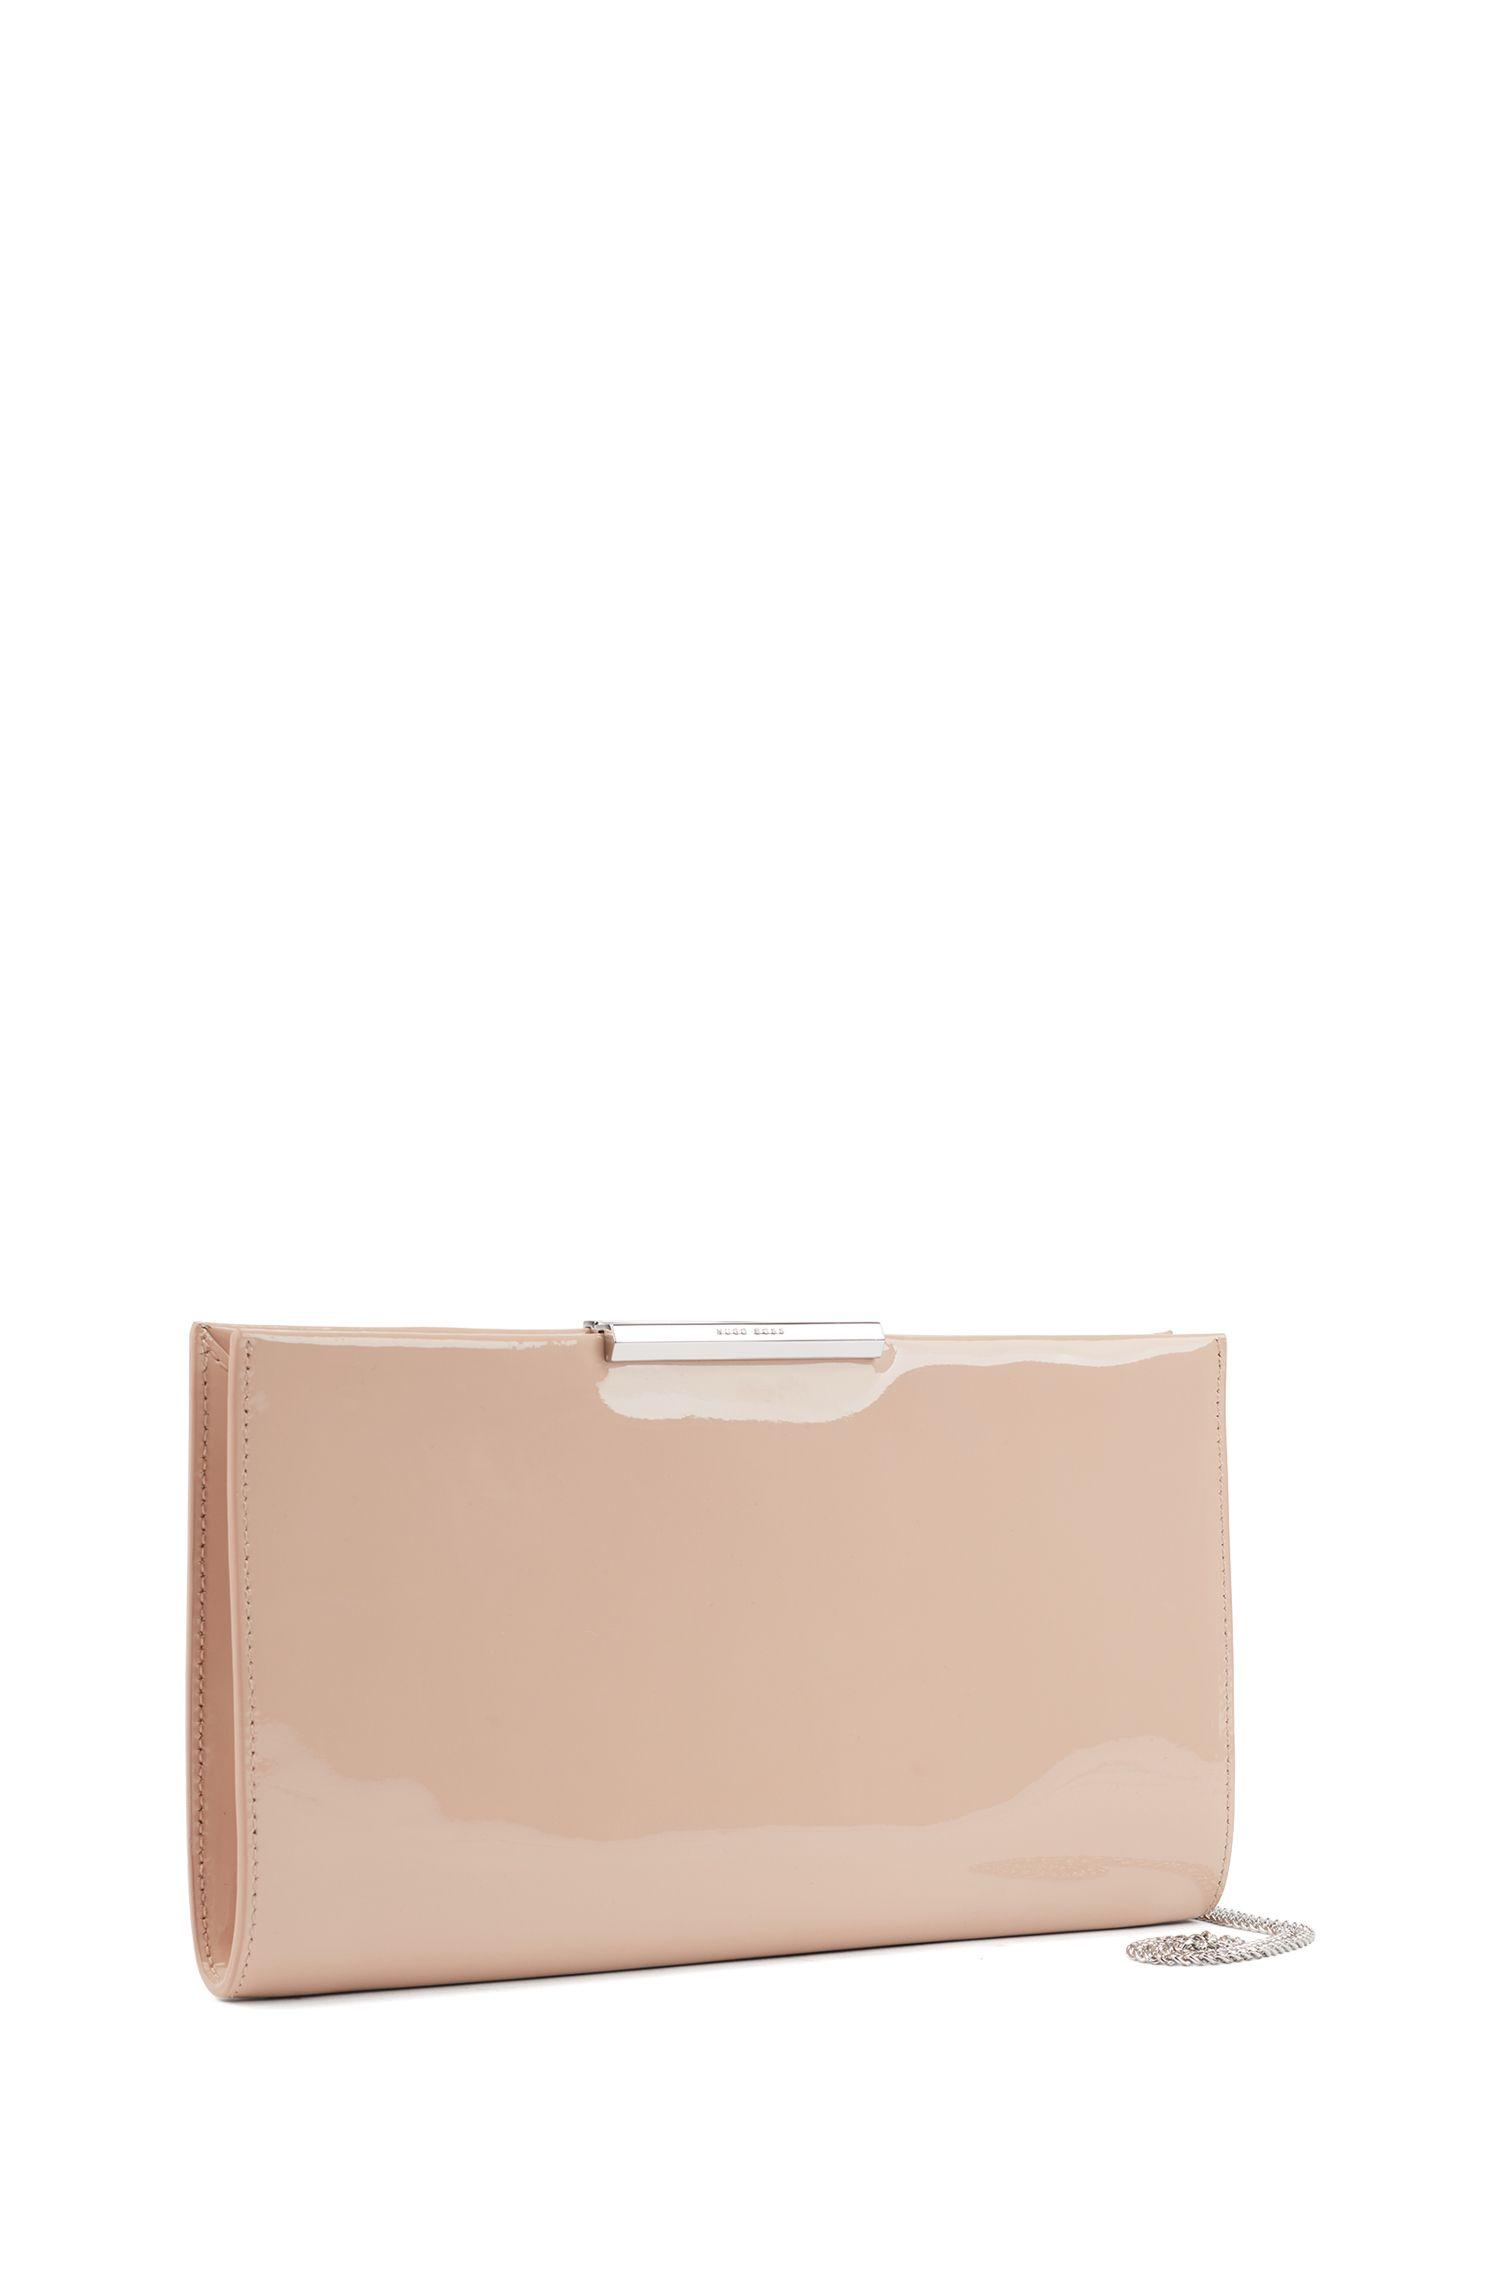 Pochette en cuir verni avec bandoulière à maillons amovible, Beige clair